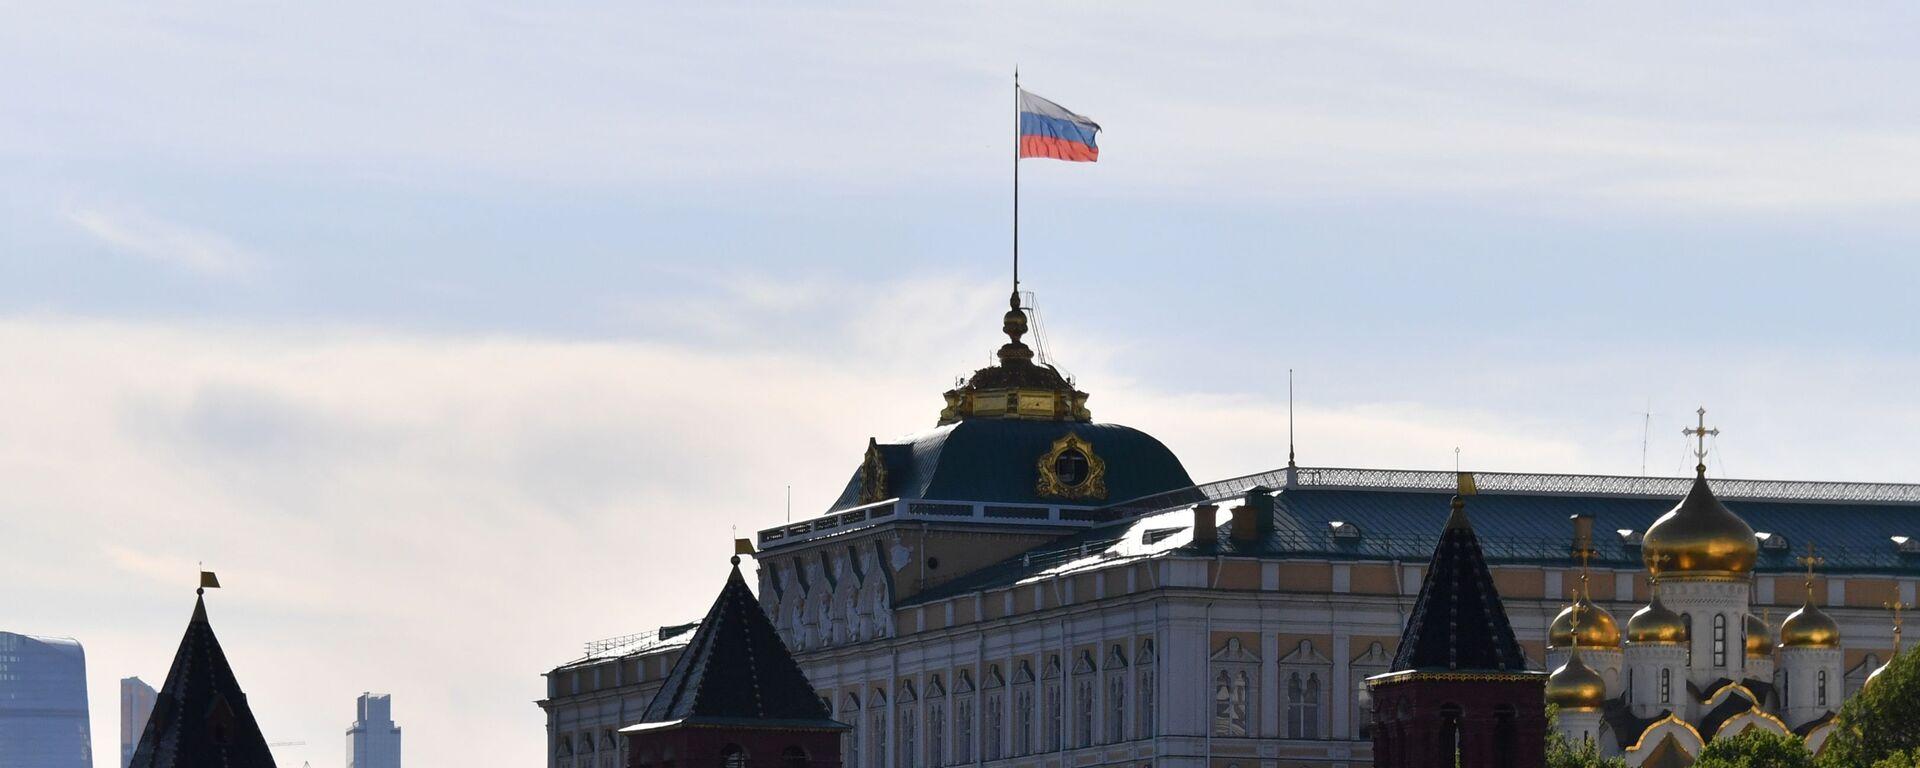 Большой Кремлевский дворец на территории Московского Кремля - Sputnik Латвия, 1920, 23.05.2021